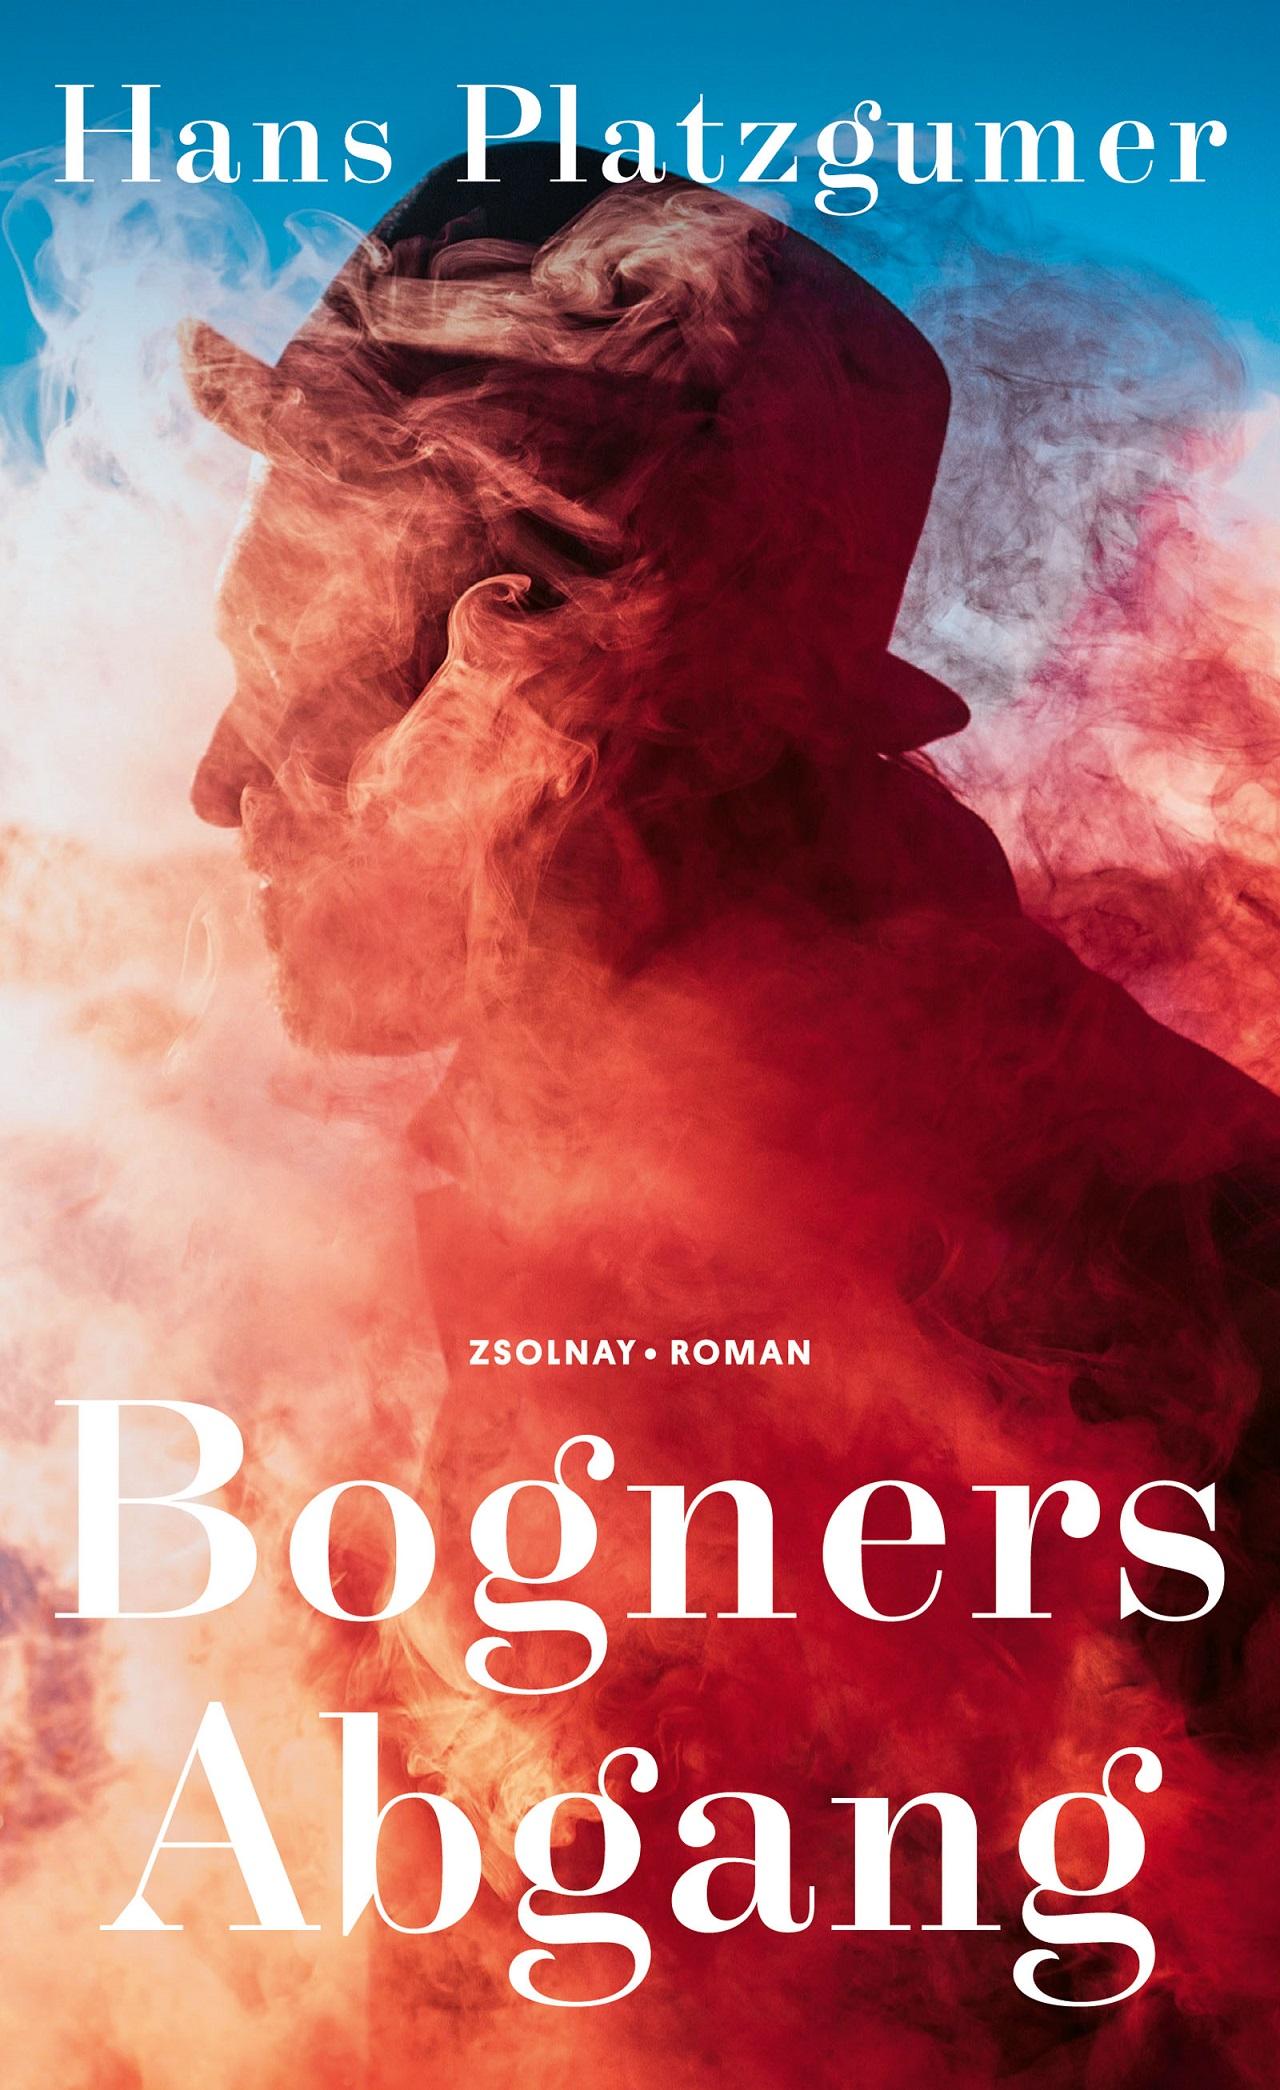 """Buchcover """"Bogners Abgang"""" von Hans Platzgumer"""